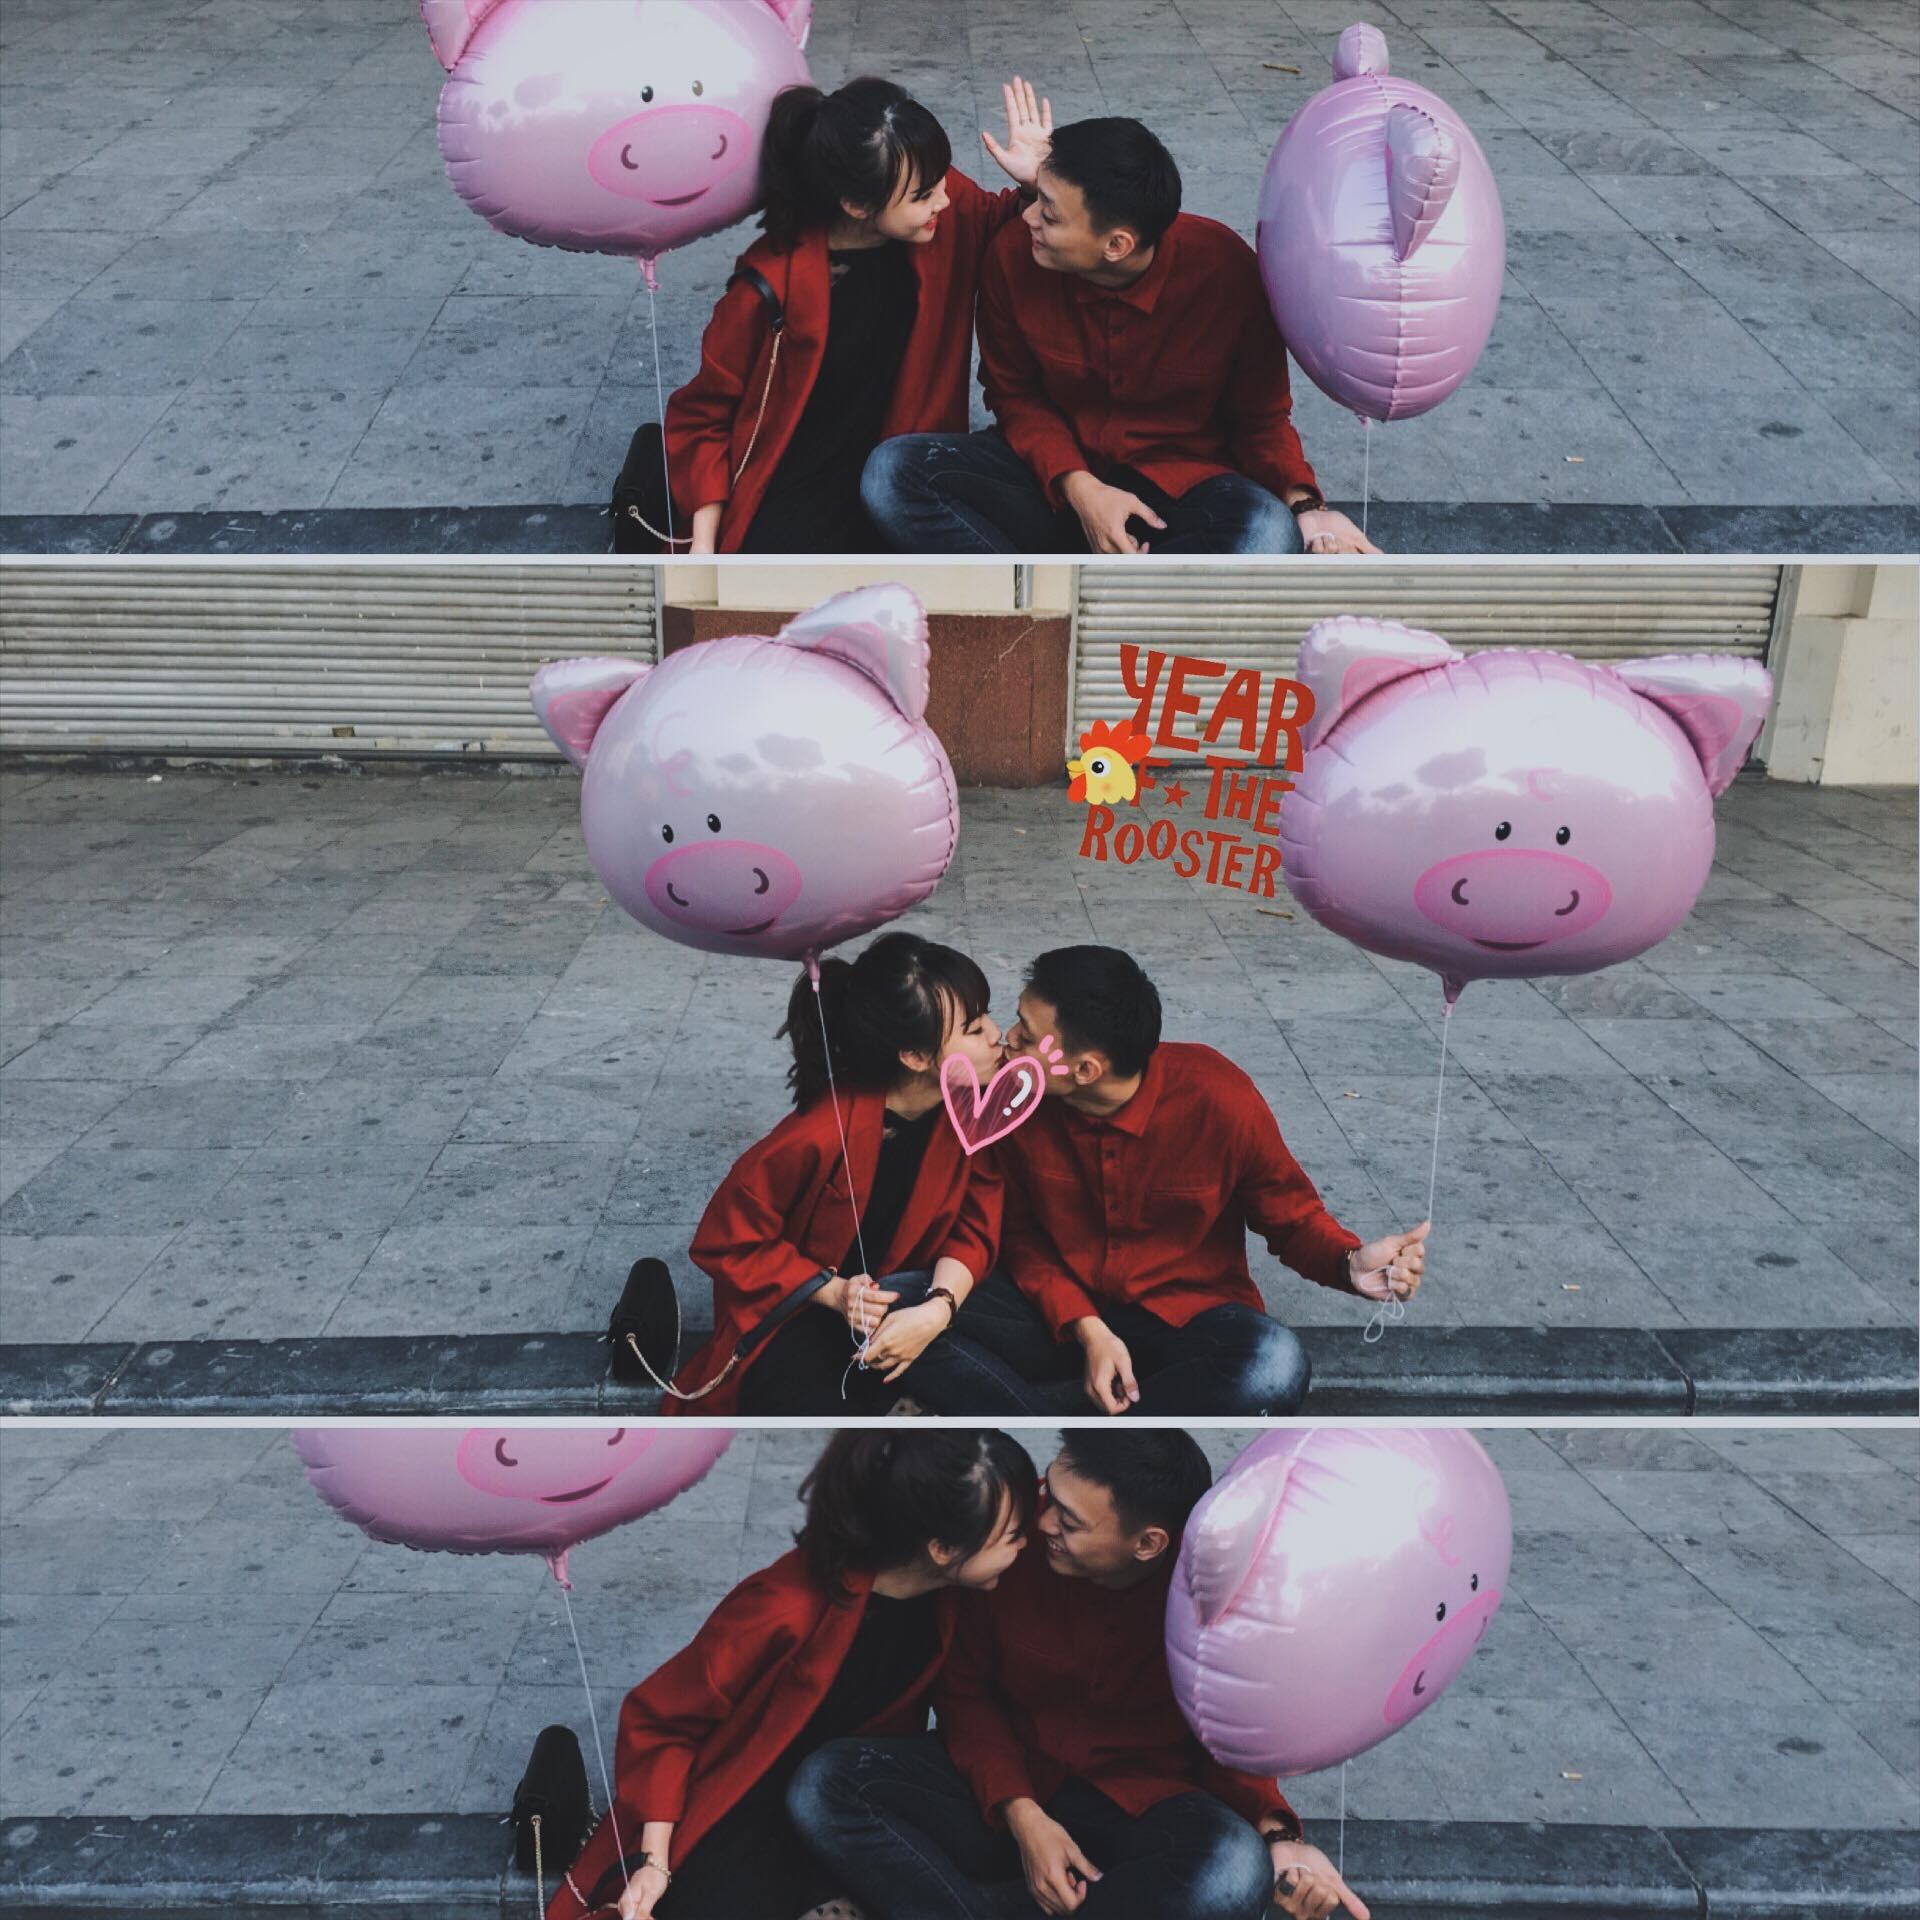 Loạt ảnh siêu lầy lội của vợ chồng Nhật Anh Trắng: Yêu thánh chế nên thế là quá bình thường! - Ảnh 31.